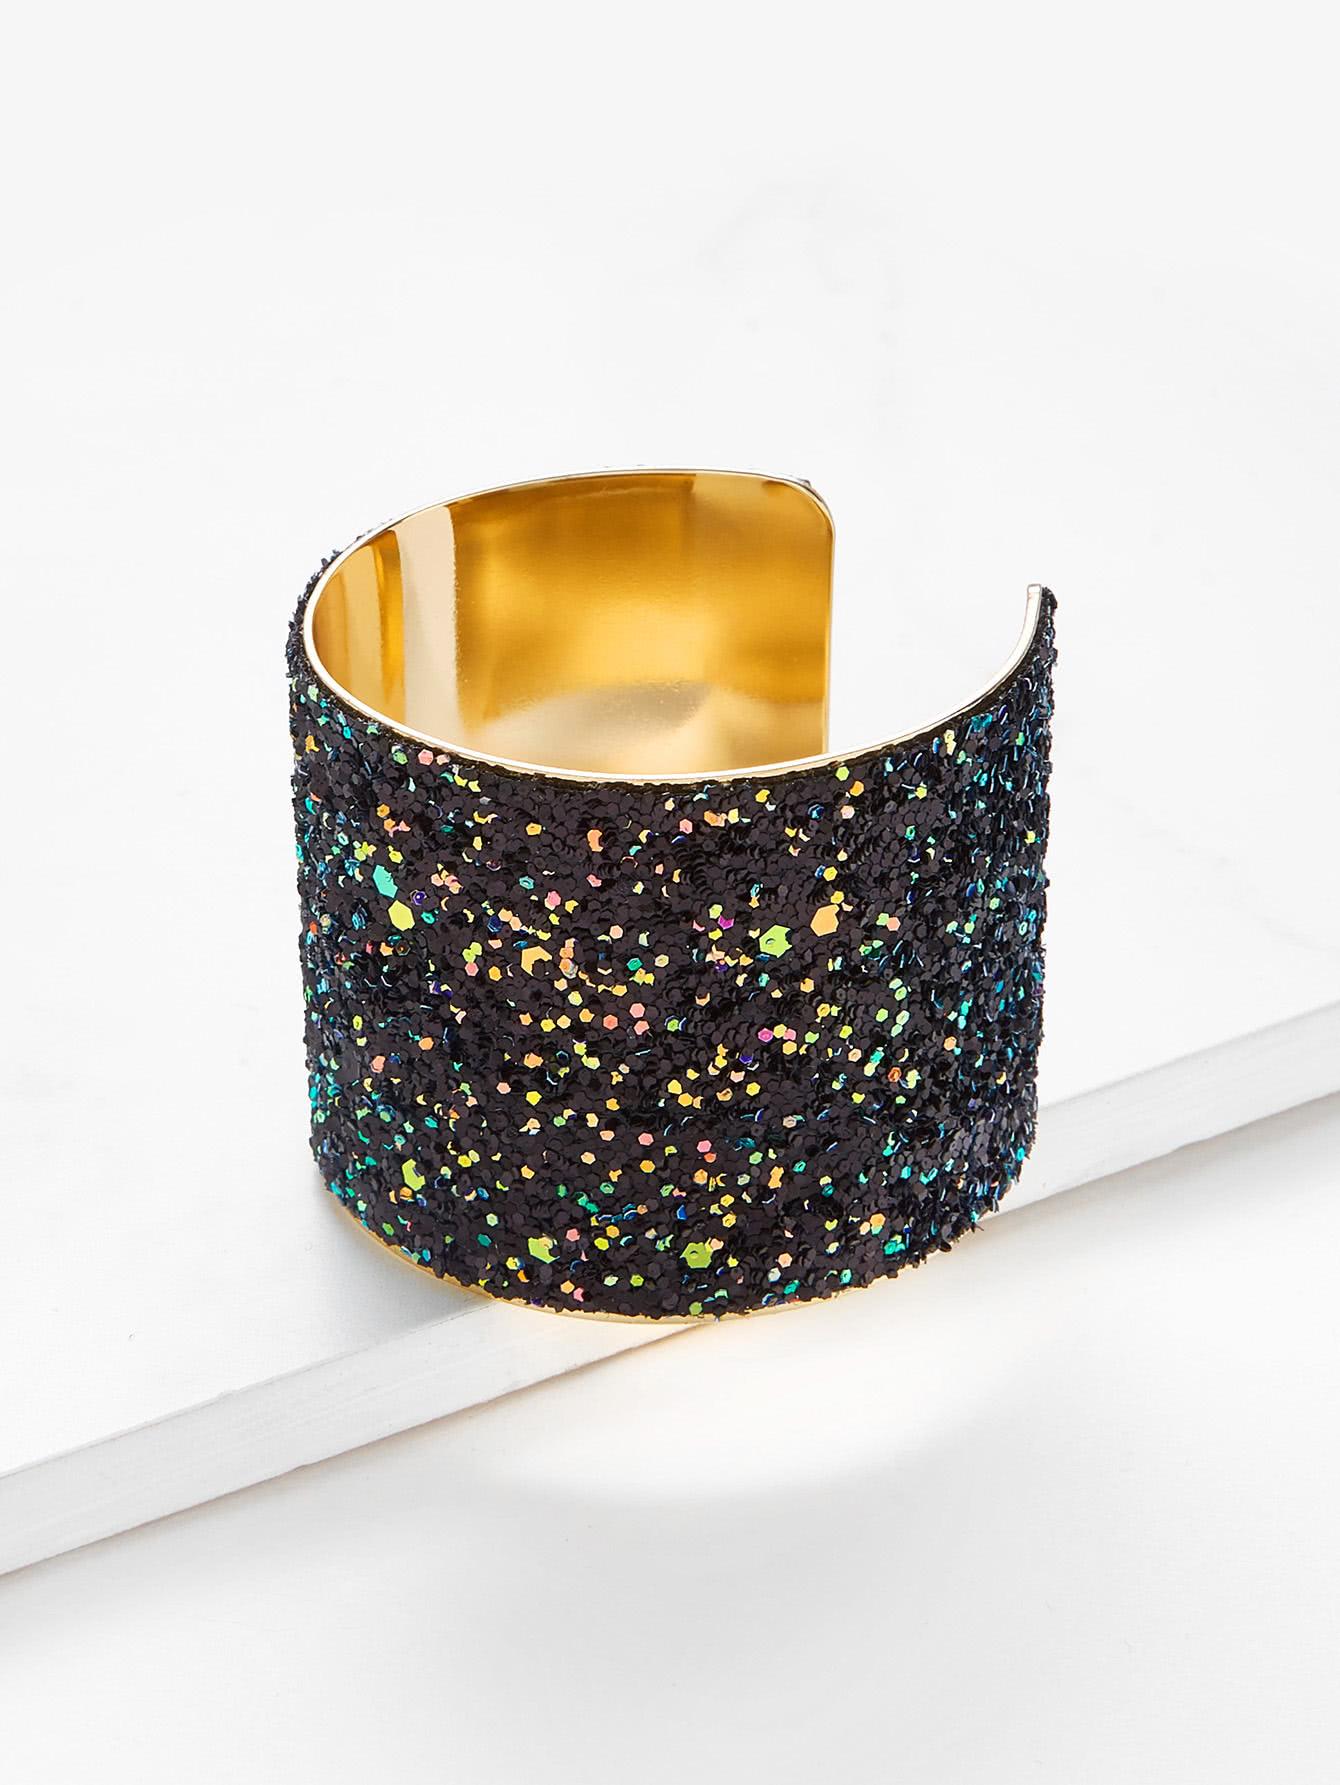 Armband mit breiter Manschette und Pailletten